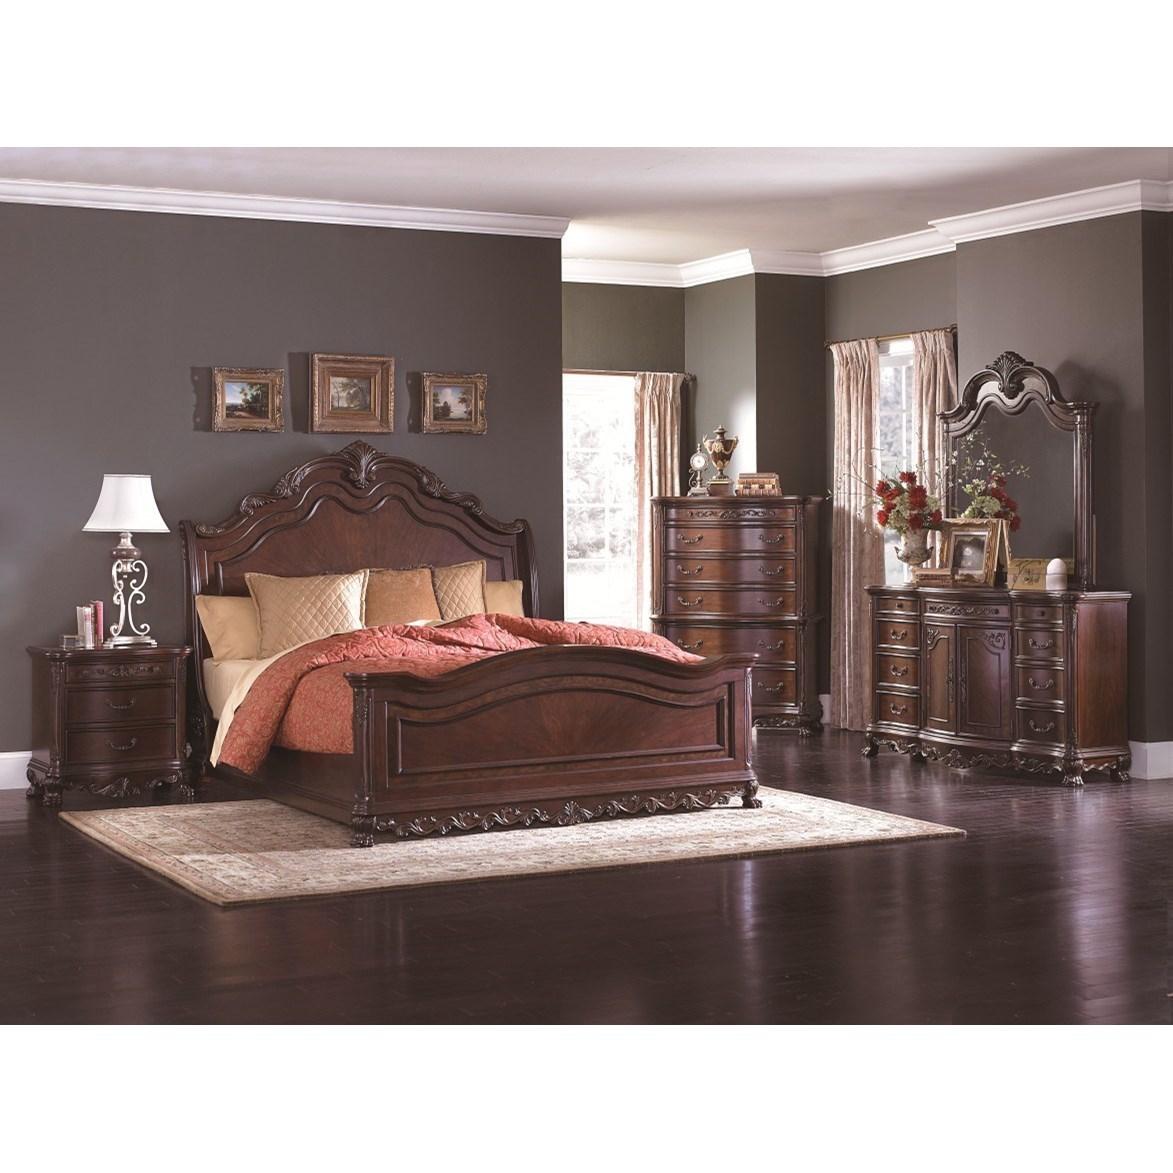 Deryn Park King Bedroom Group by Homelegance at Carolina Direct